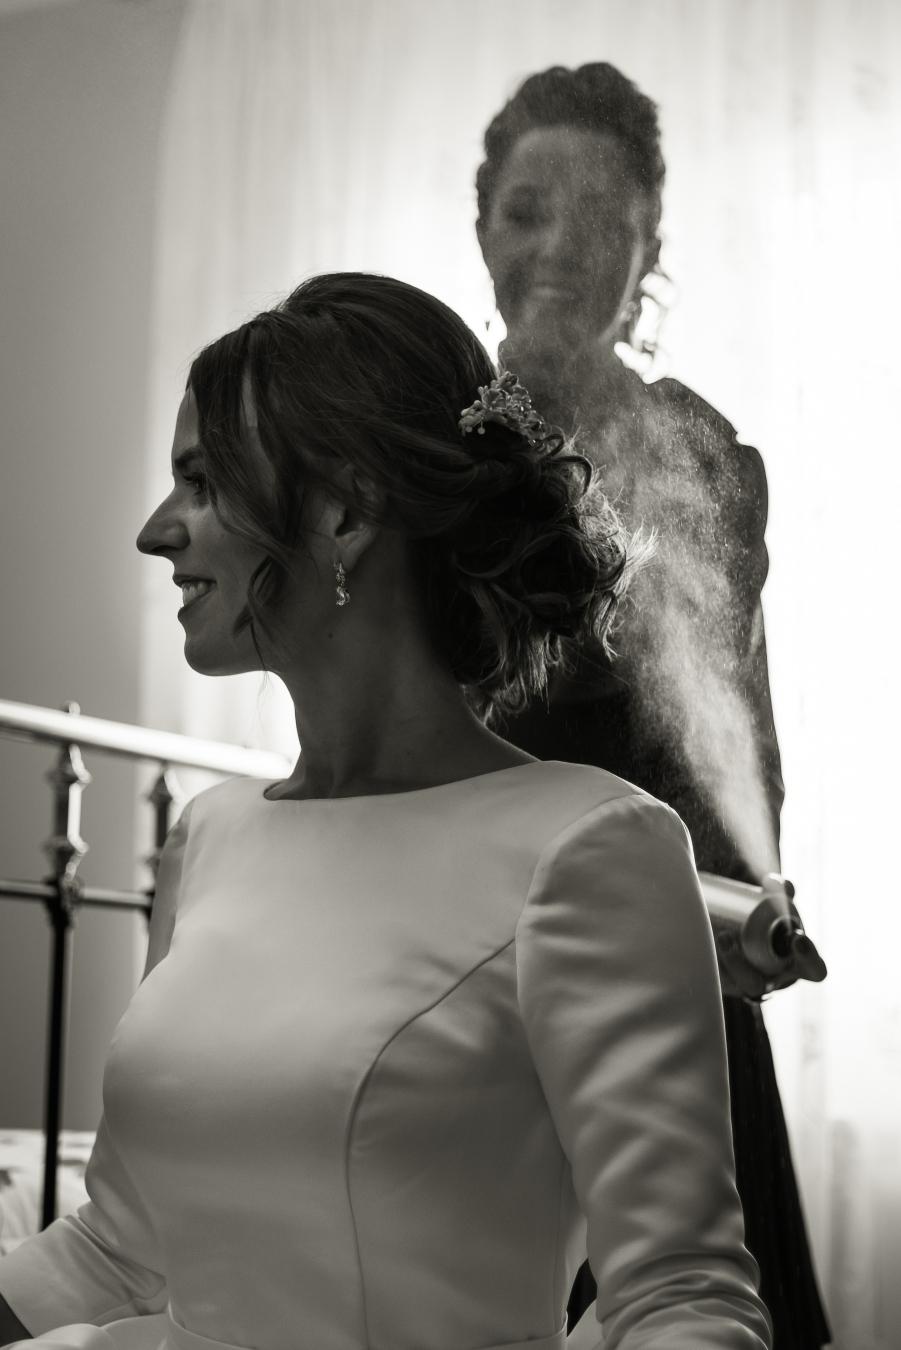 Carmen y Javi - Chema Moragón. Fotógrafo de bodas.